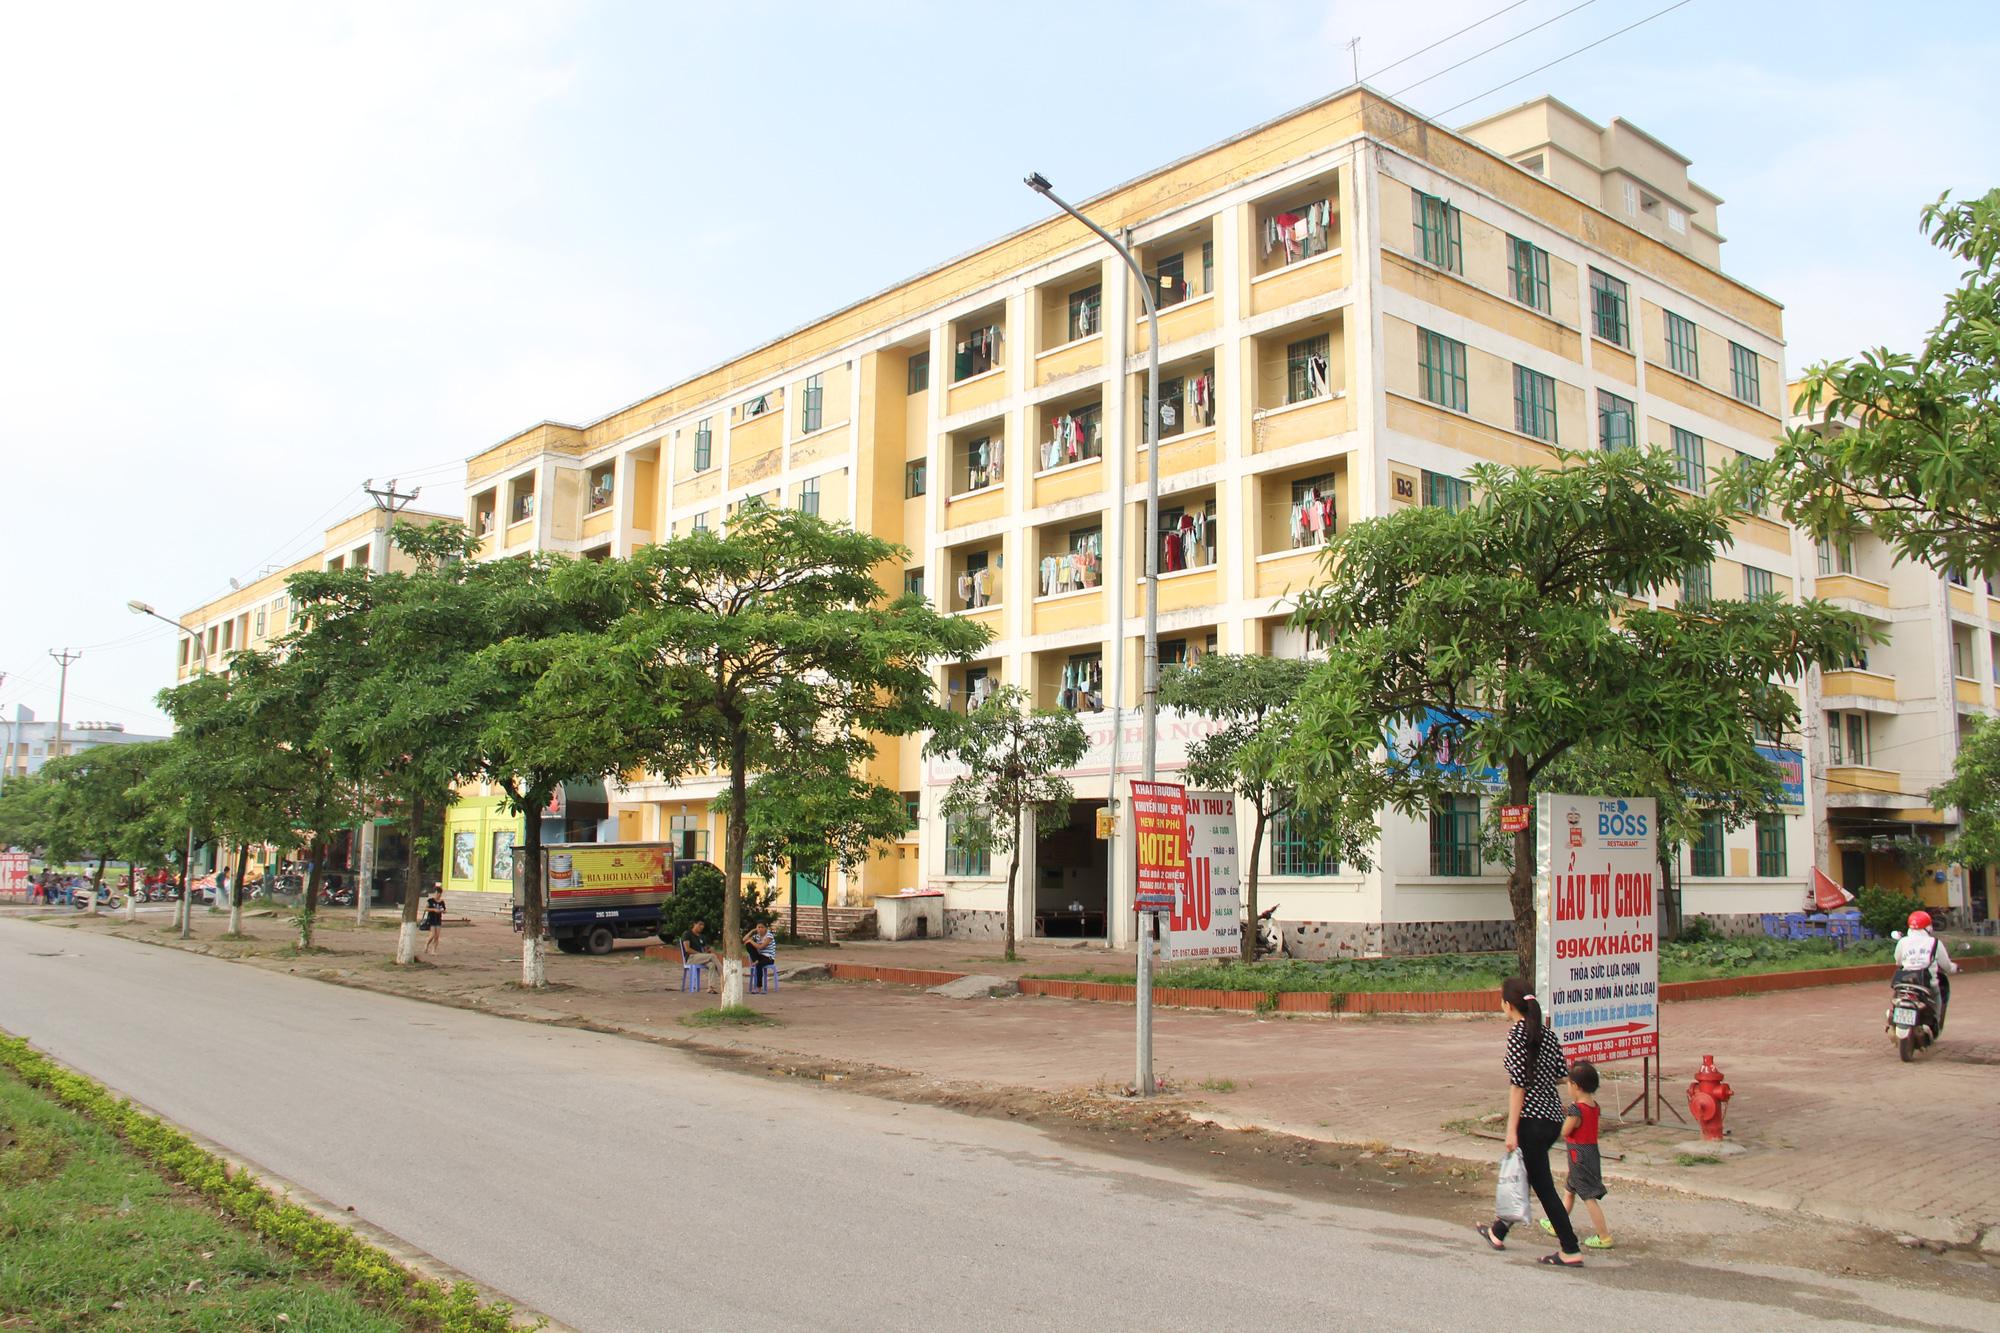 Giải pháp xây căn hộ chung cư giá dưới 20 triệu đồng/m2 làm đến đâu? - Ảnh 3.